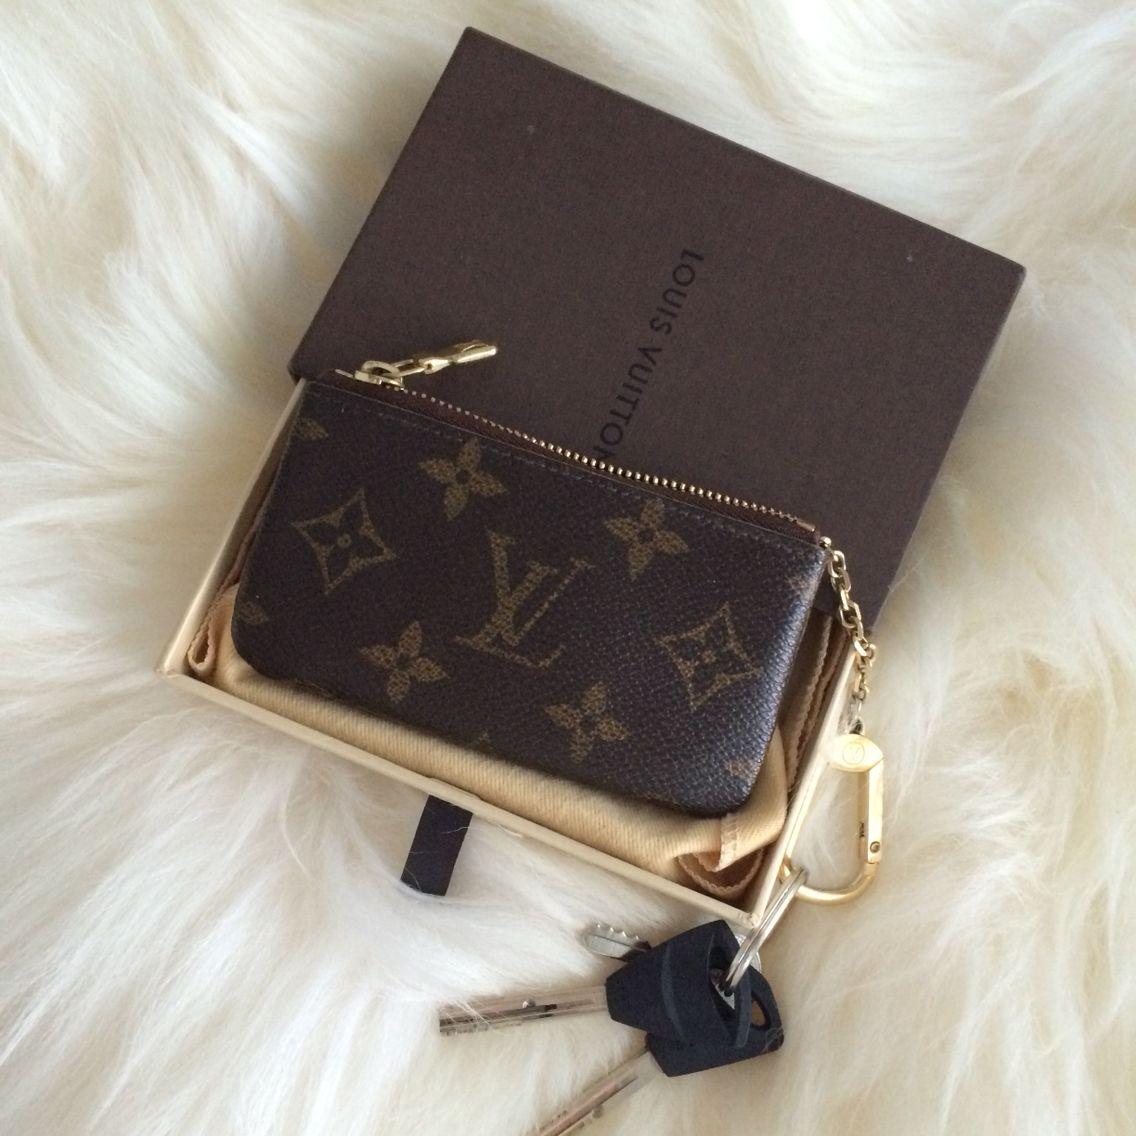 481d1a724124 Louis Vuitton - Key Pouch